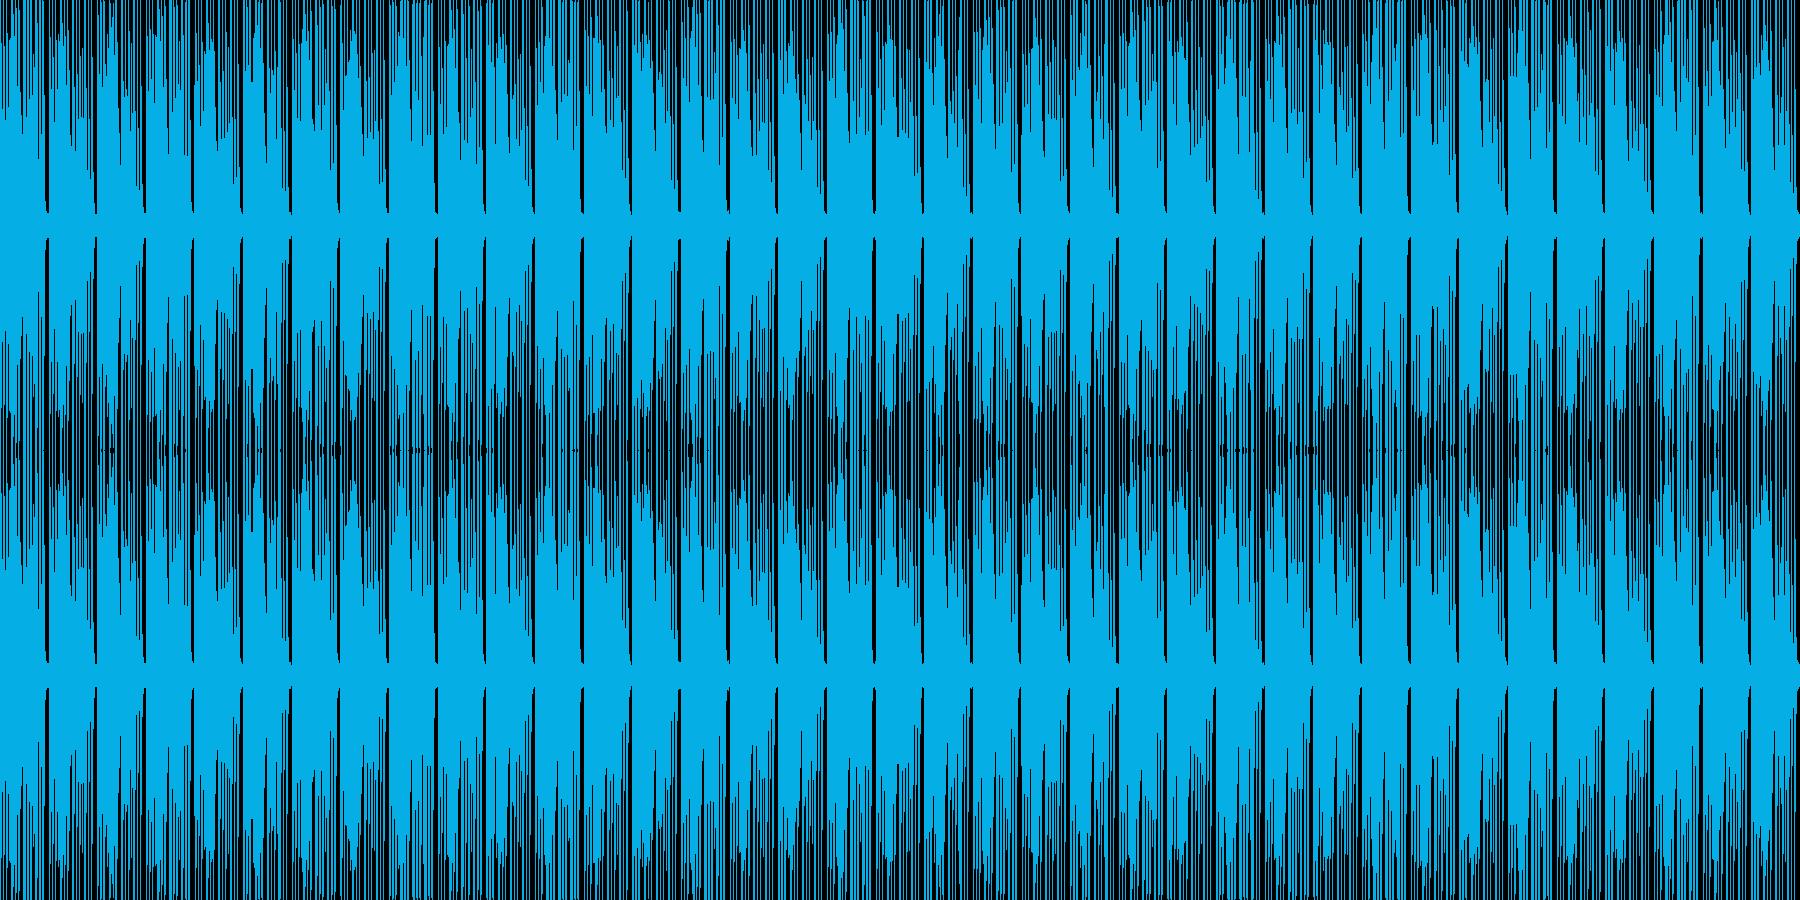 奇妙なビート3(いかがわしいremix)の再生済みの波形